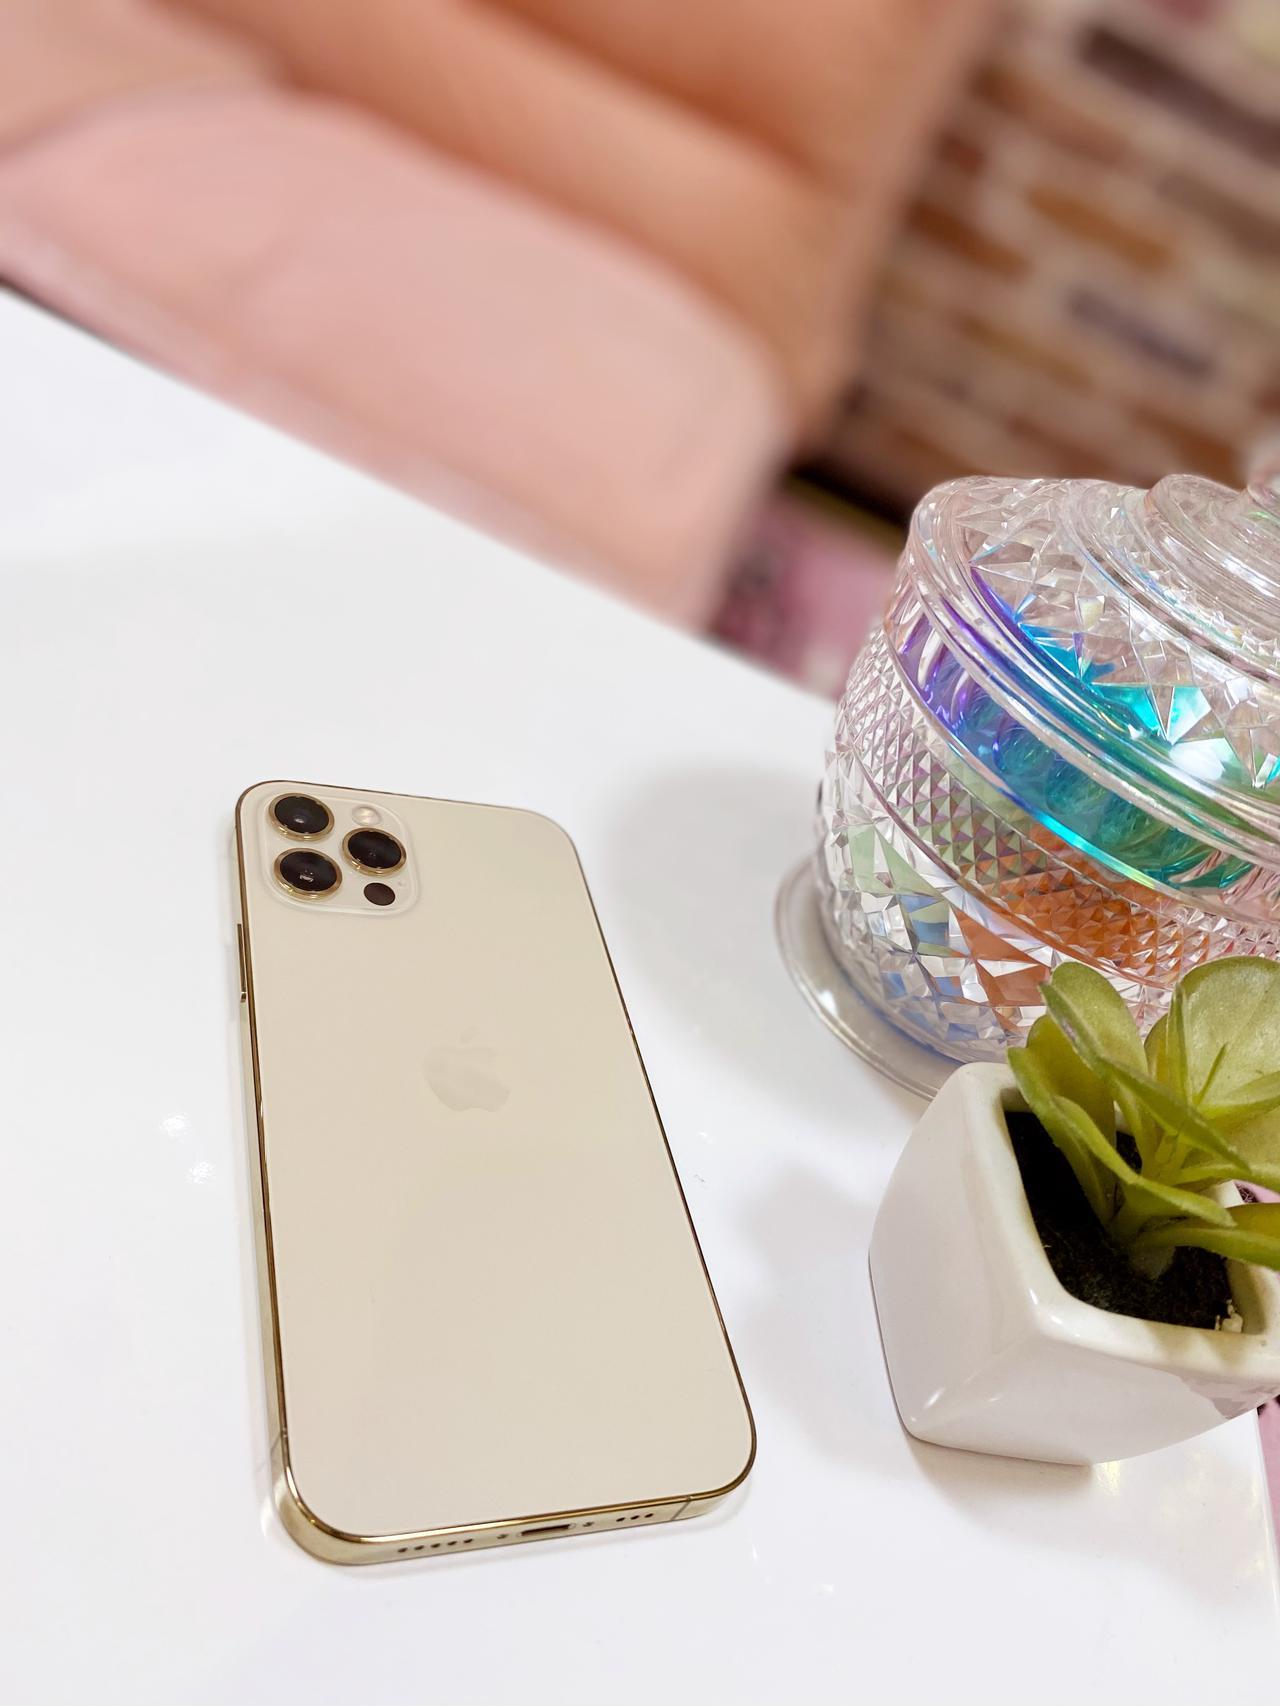 画像1: 【最新機種】どう変わった?iPhone12proを使ってみたリアル感想♡